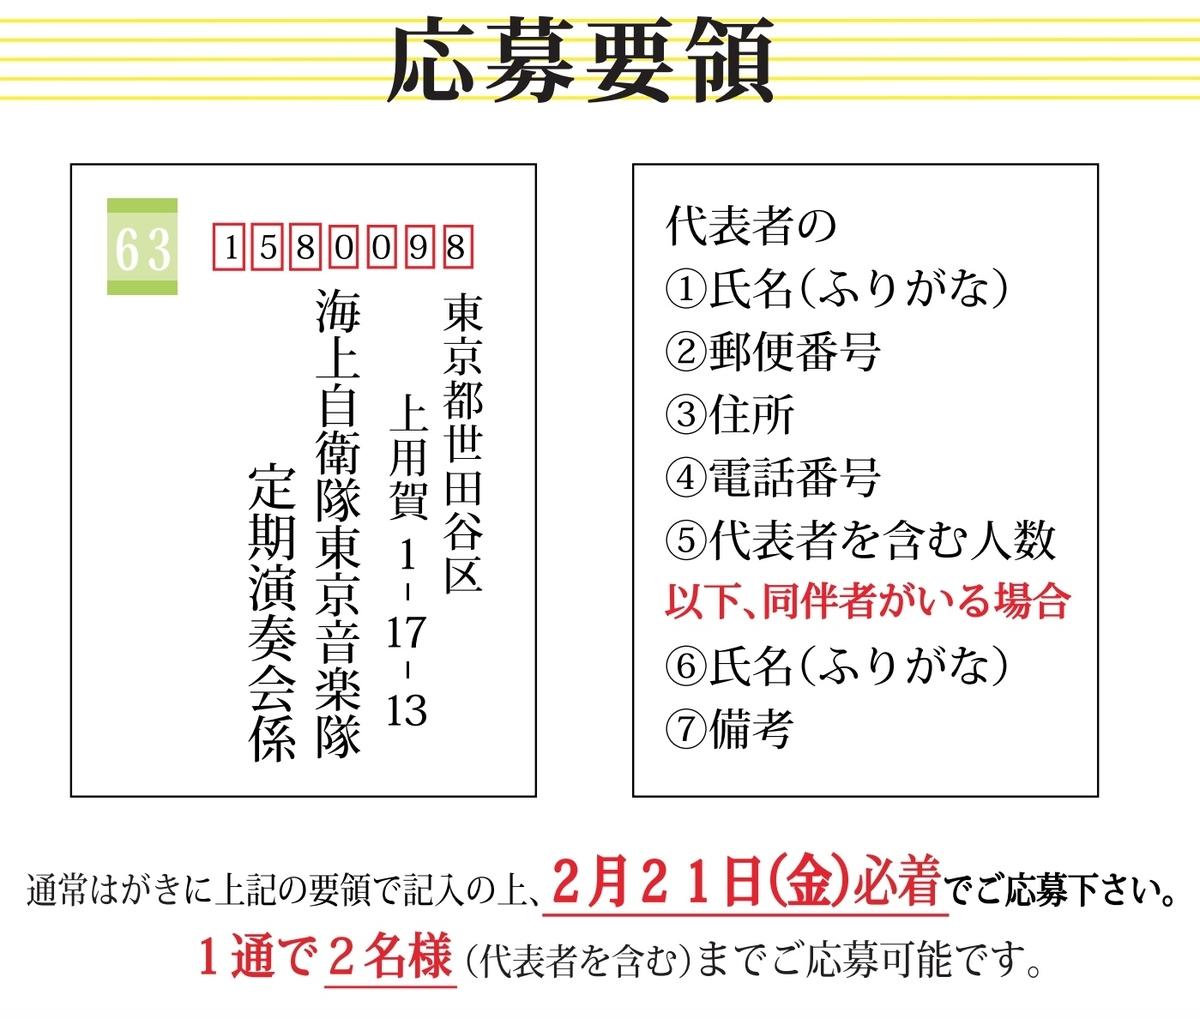 f:id:RetCapt1501:20200203221710j:plain